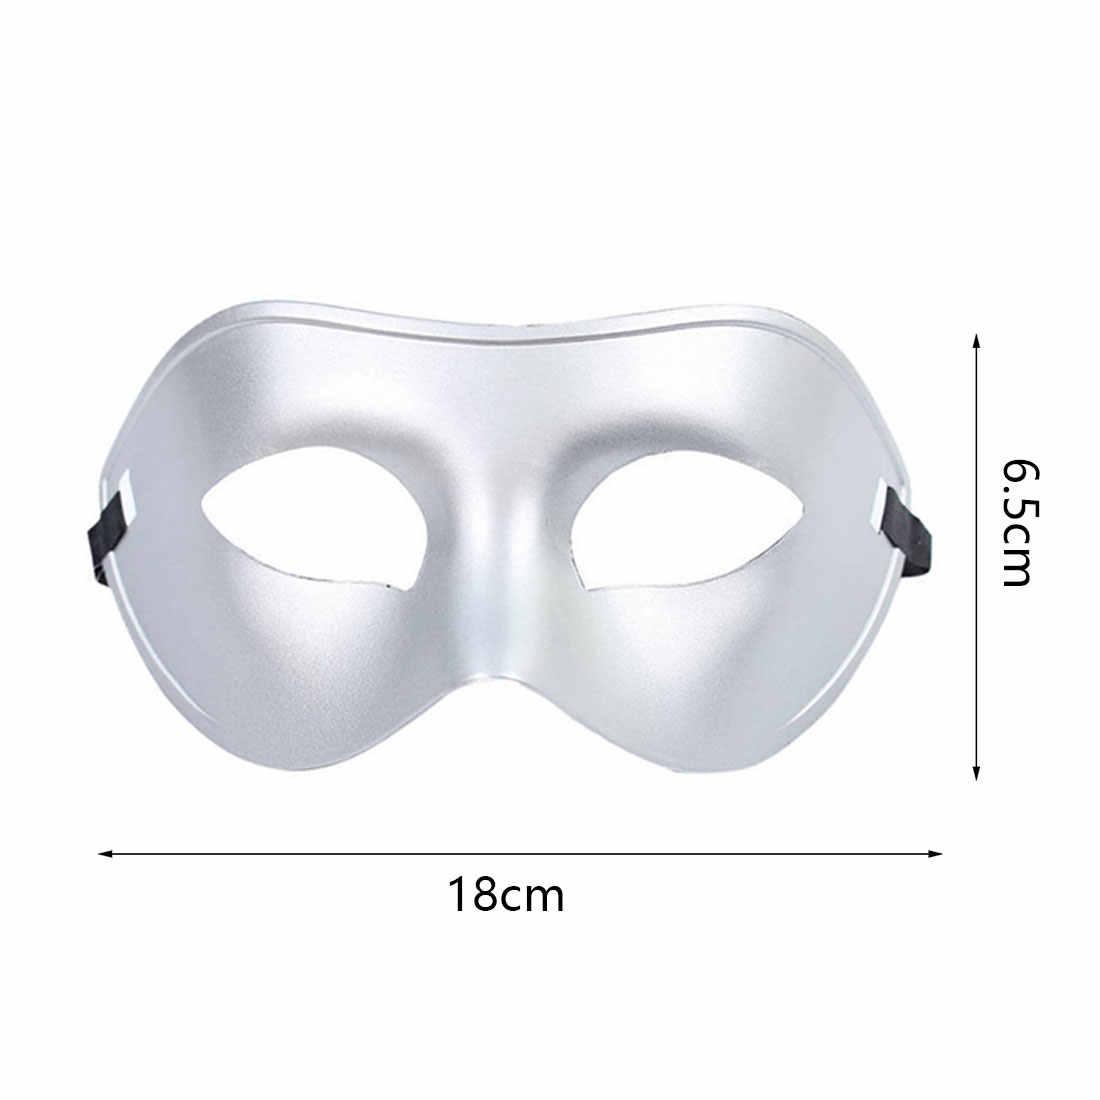 Pria Setengah Wajah Dicat Topeng Topeng Halloween Pesta Prom Masker Aksesoris Masker Mata Pria Jazz Bola Masker